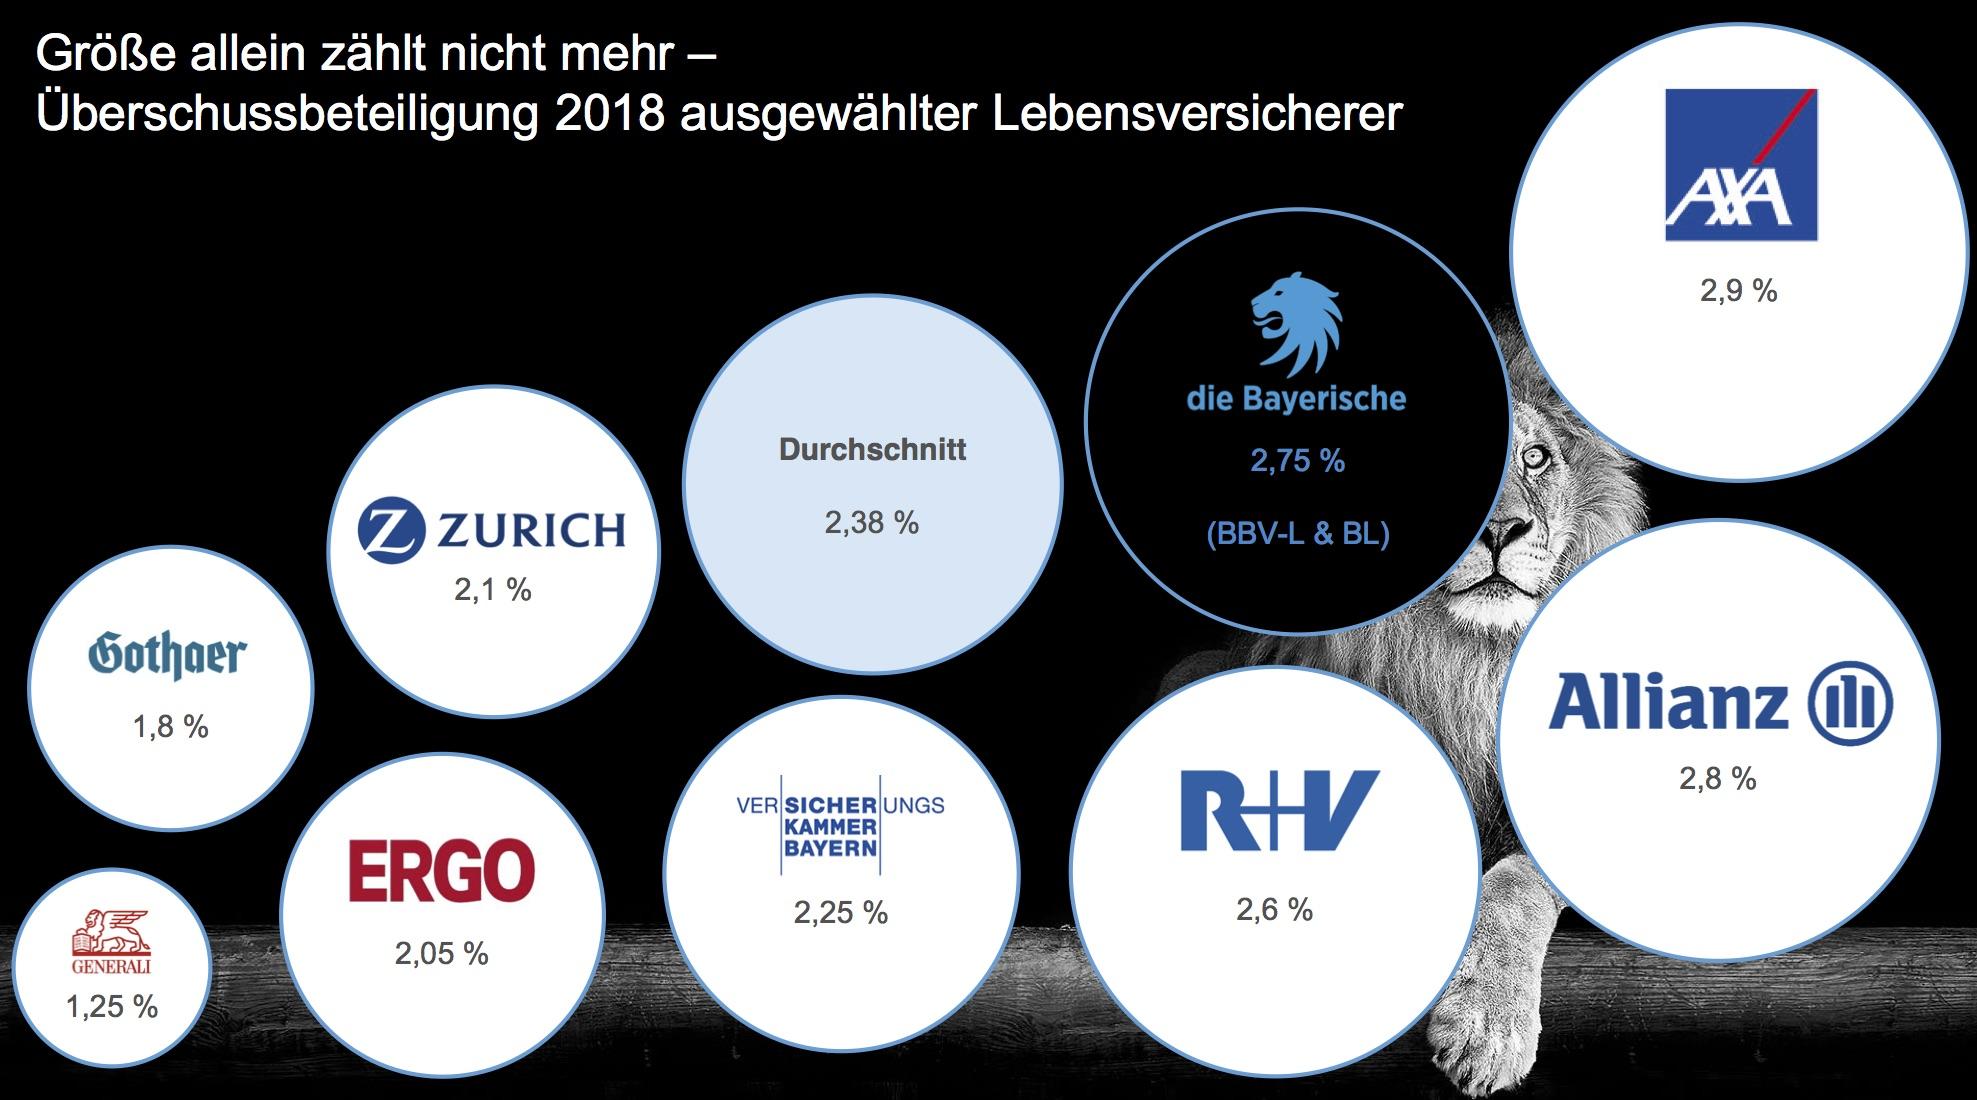 Überschussbeteiligungen 2017 im Vergleich. Quelle: die Bayerische